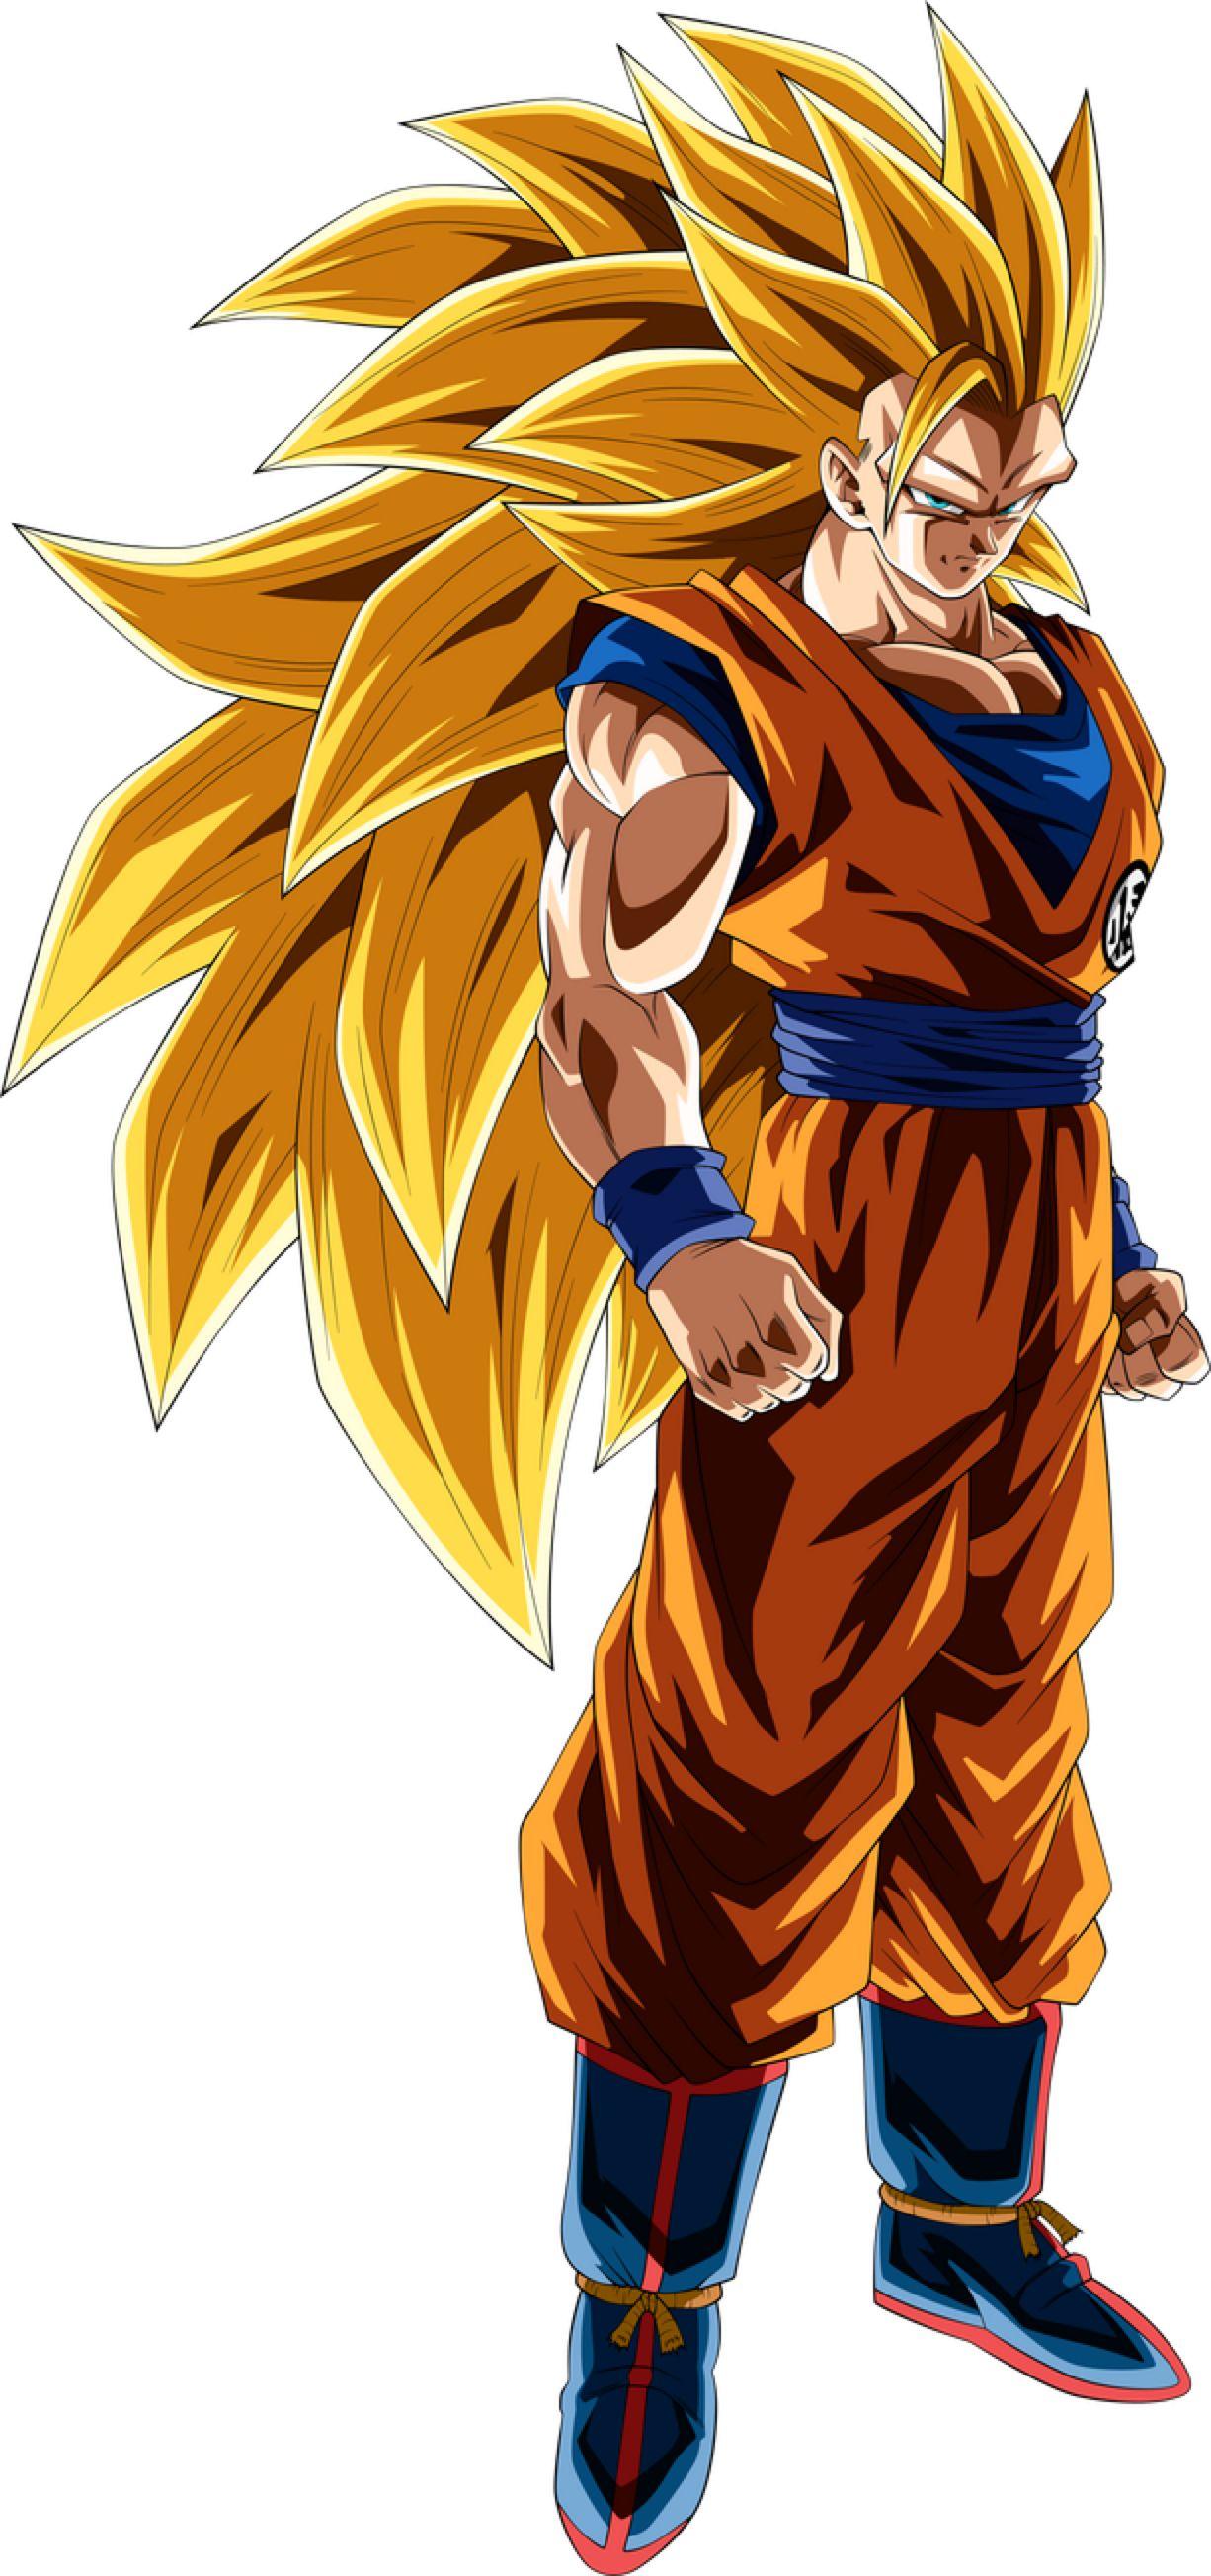 Super Saiyan 3 Goku Goku Super Saiyan Blue Goku Super Saiyan Dragon Ball Super Manga